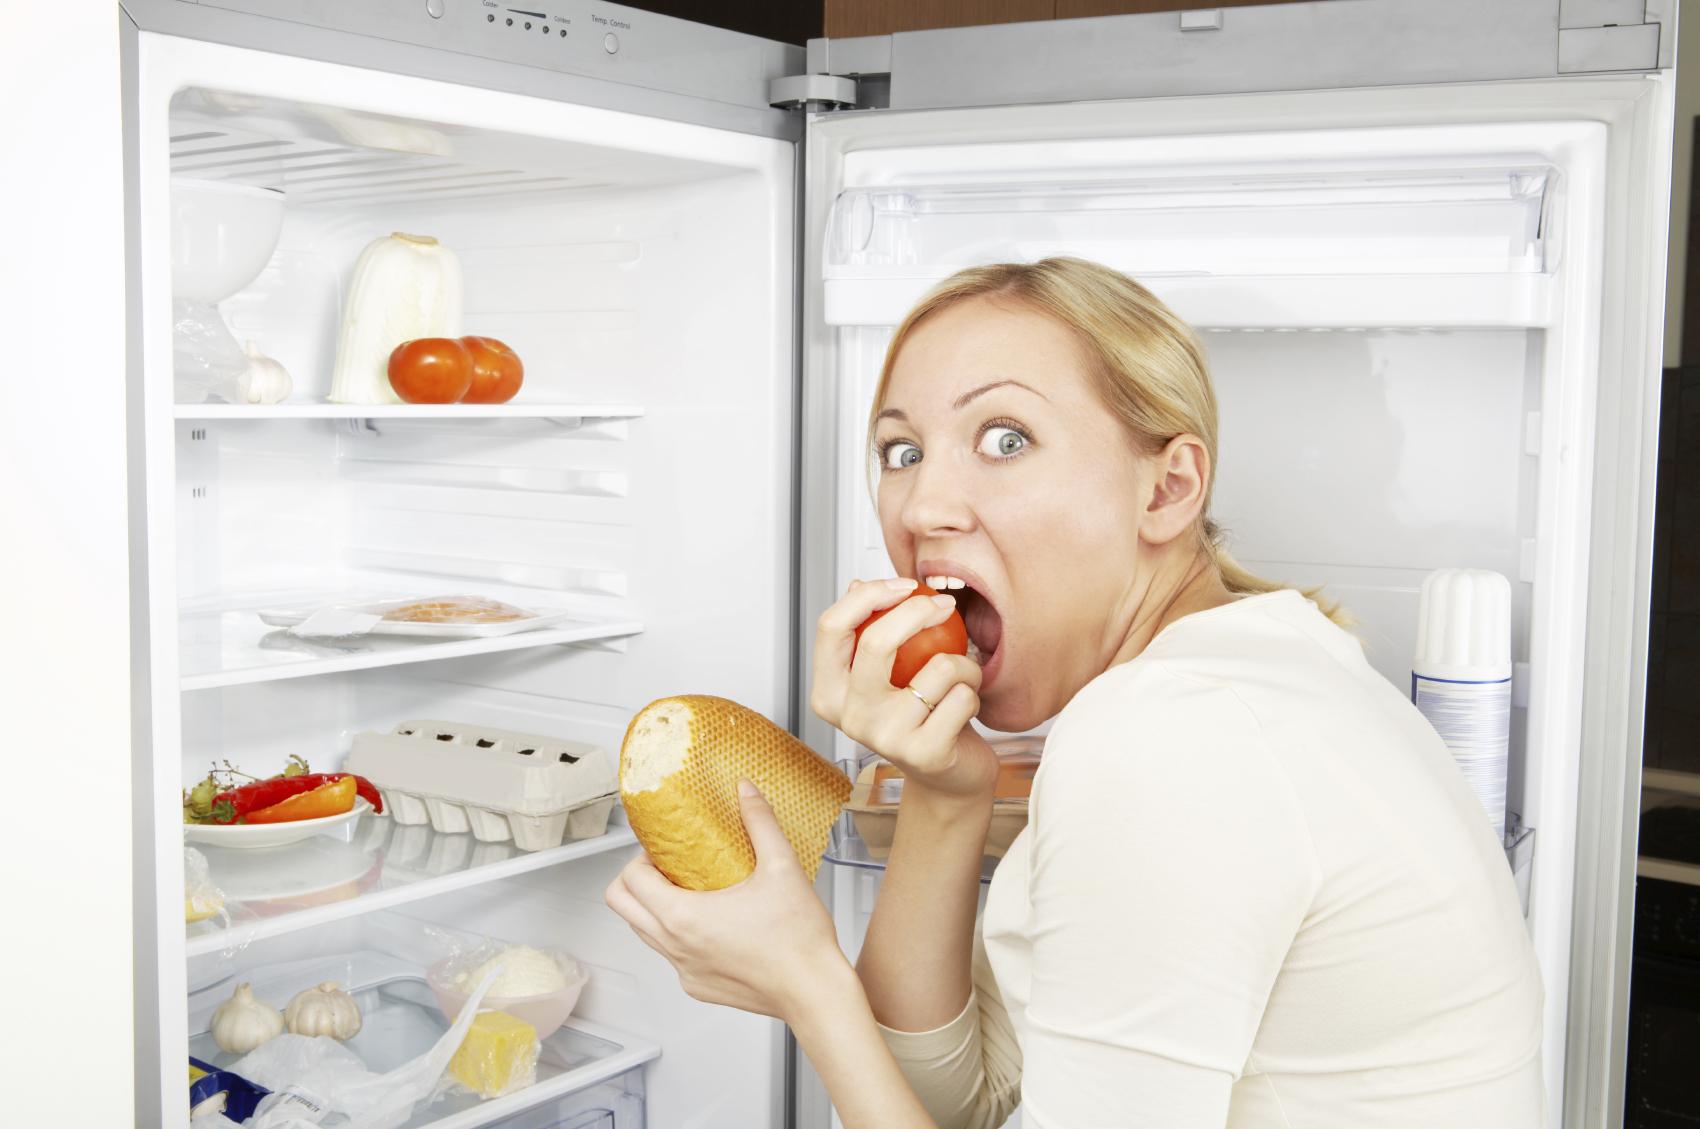 продукты которые нельзя кушать, вредные продукты